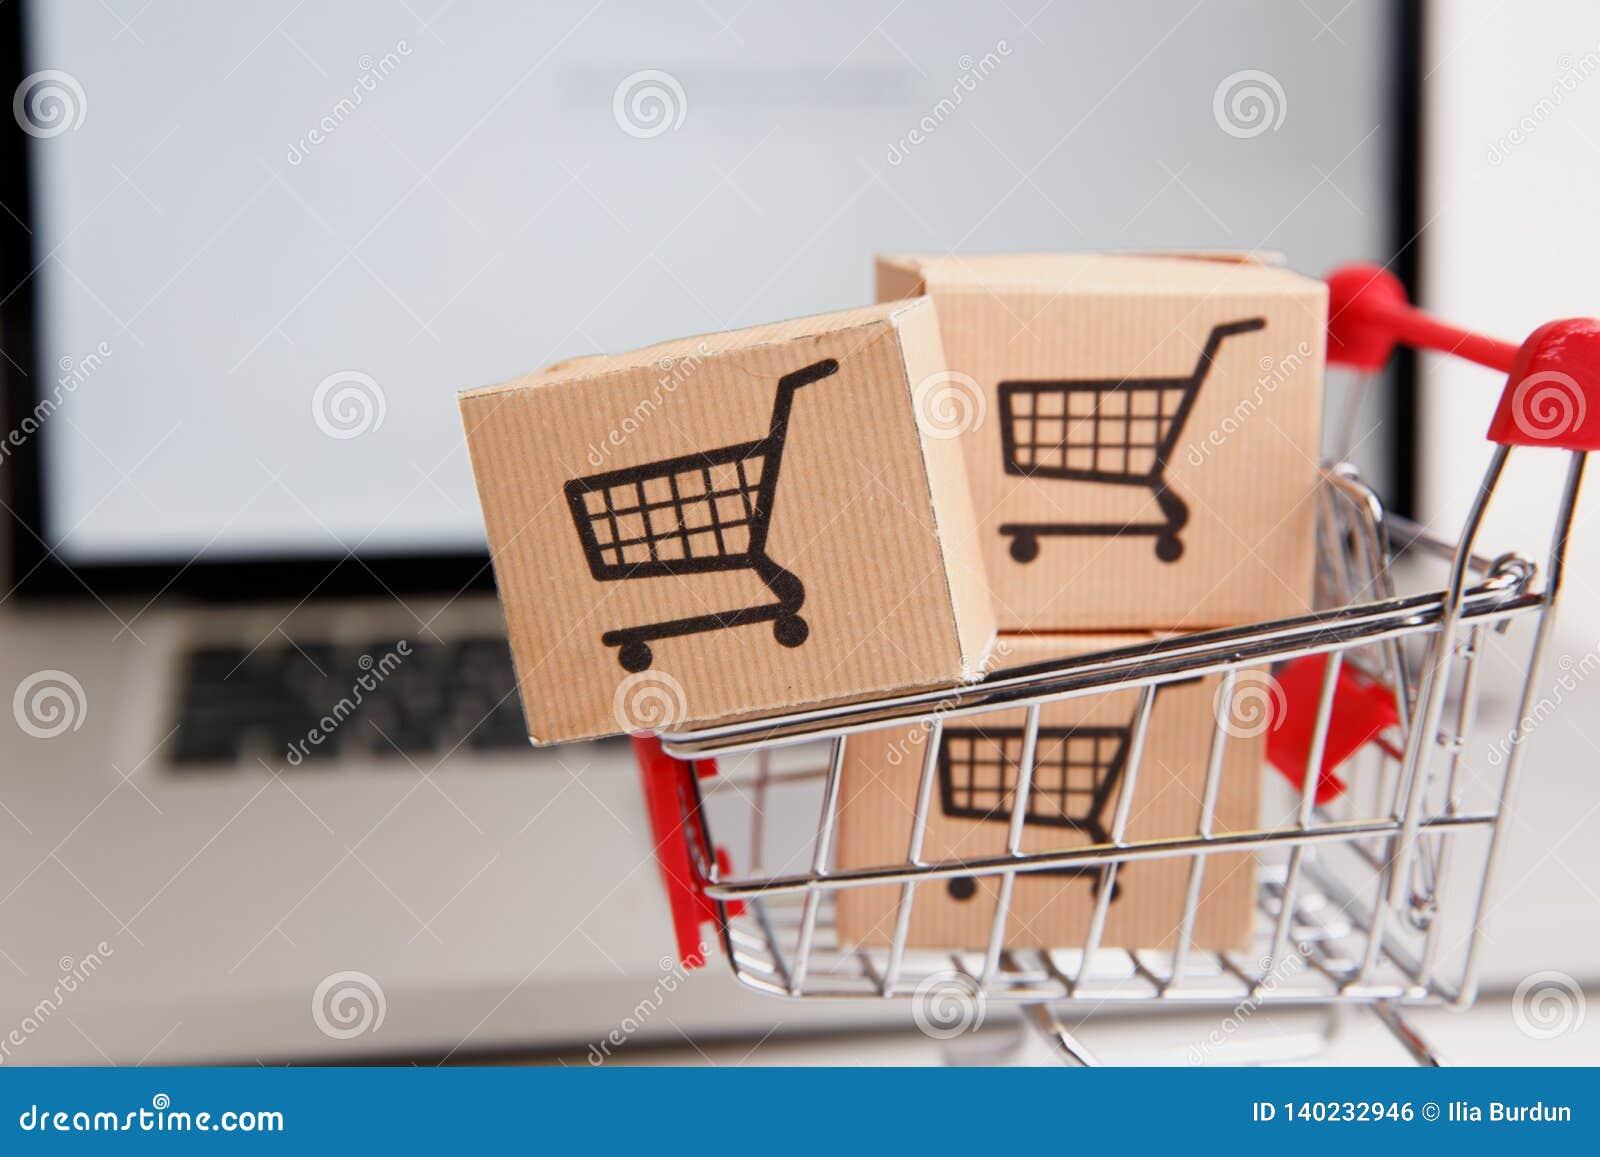 Wiele papierowi pudełka w małym wózku na zakupy na laptop klawiaturze Pojęcia o online zakupy który kupować mogą konsumenci